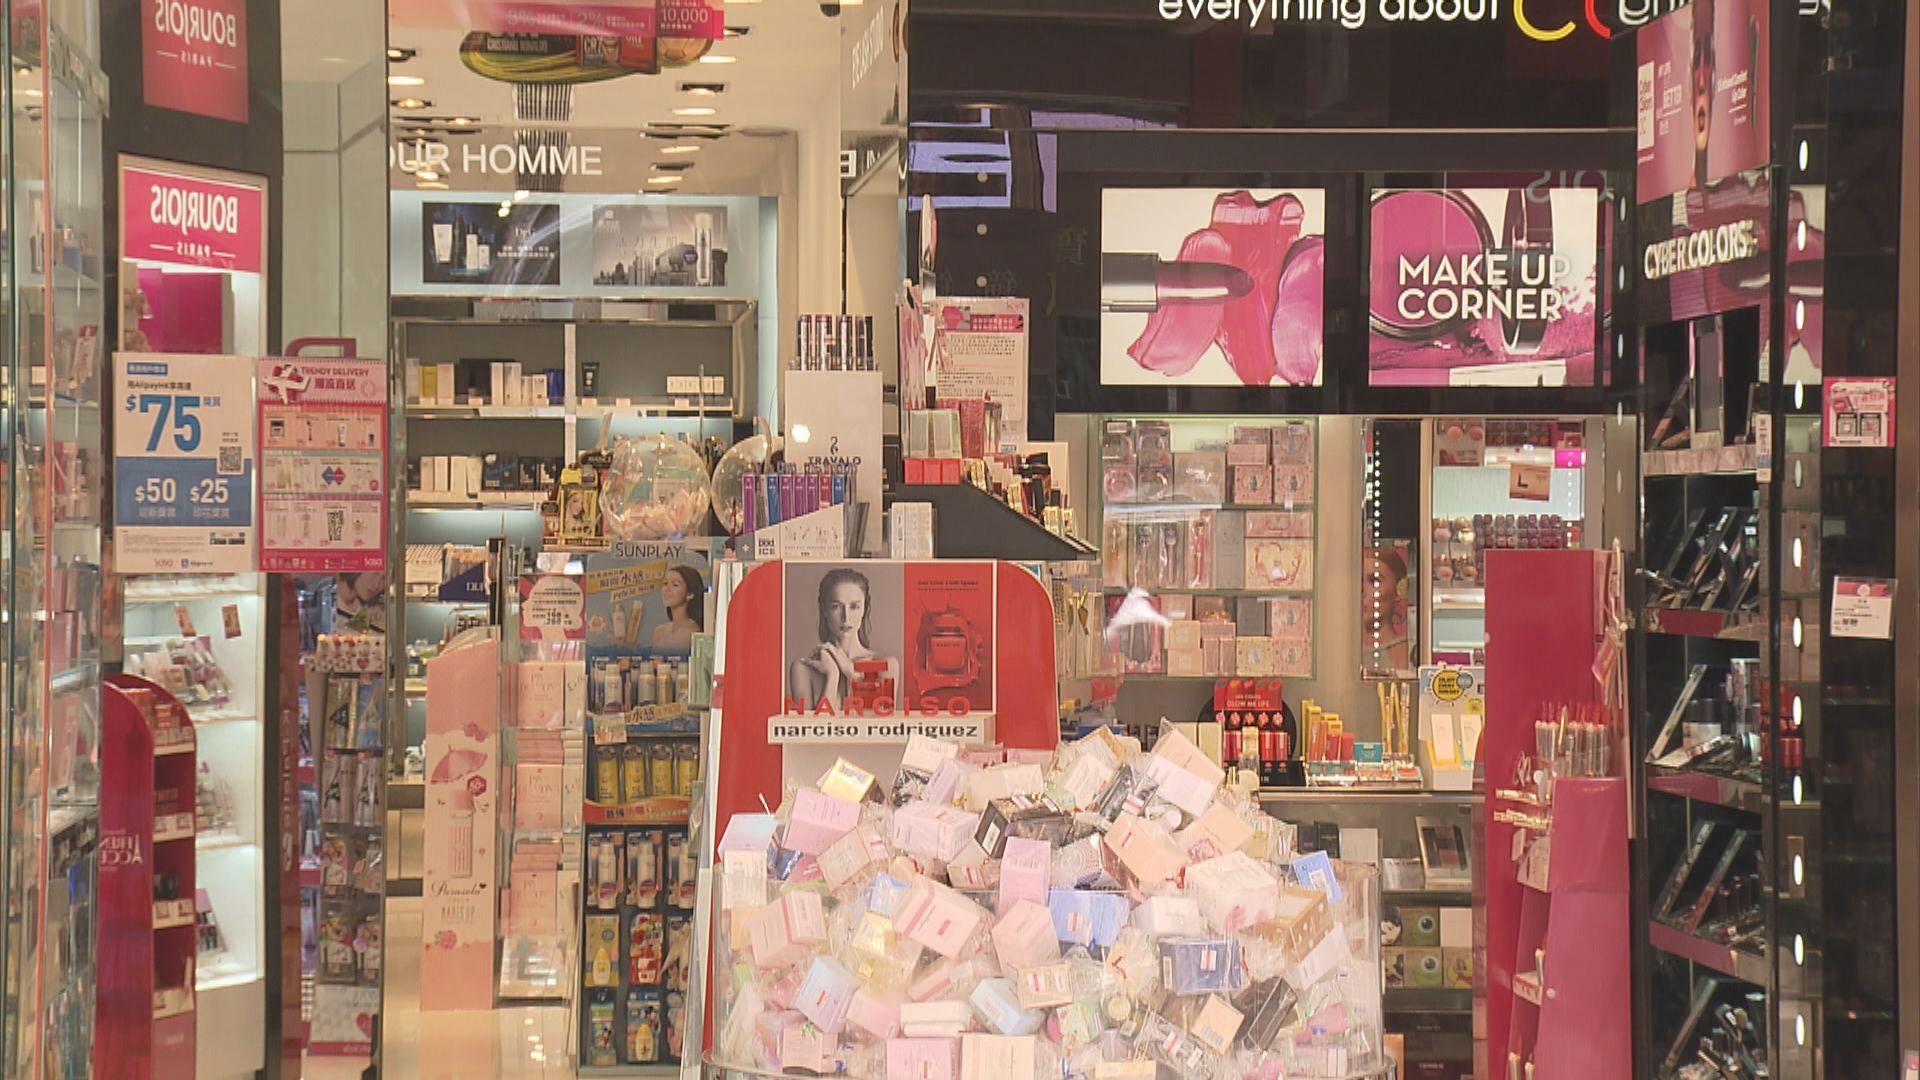 【疫情影響】莎莎港澳同店銷售跌75% 執董大減薪